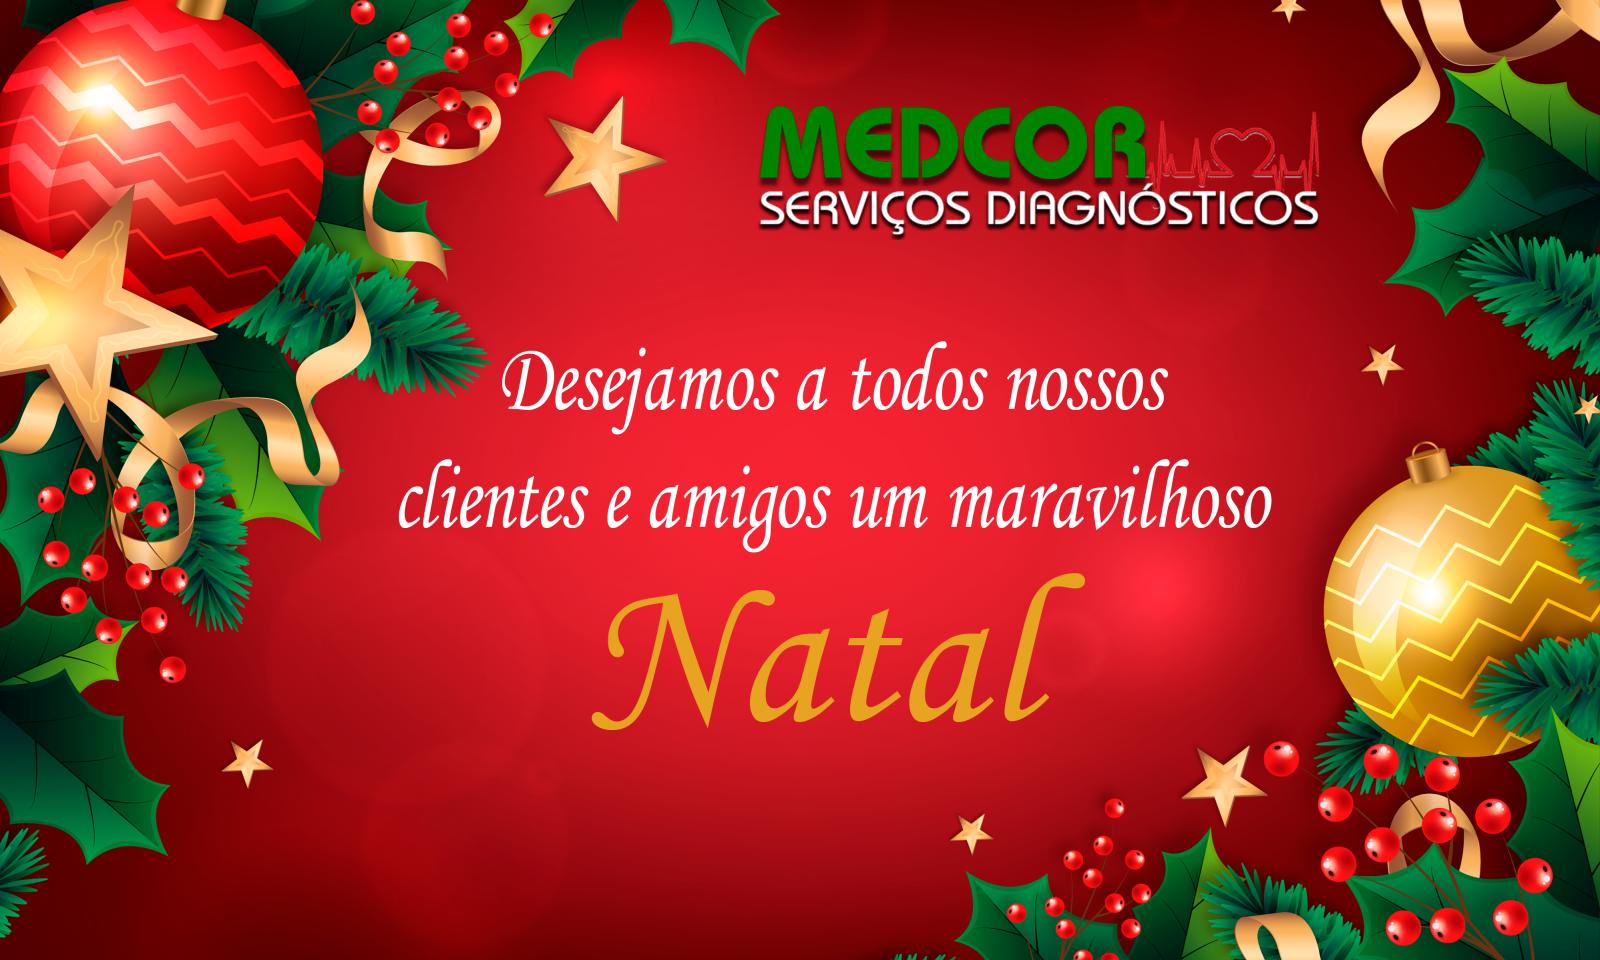 Desejamos a todos nossos clientes e amigos um maravilhoso Natal